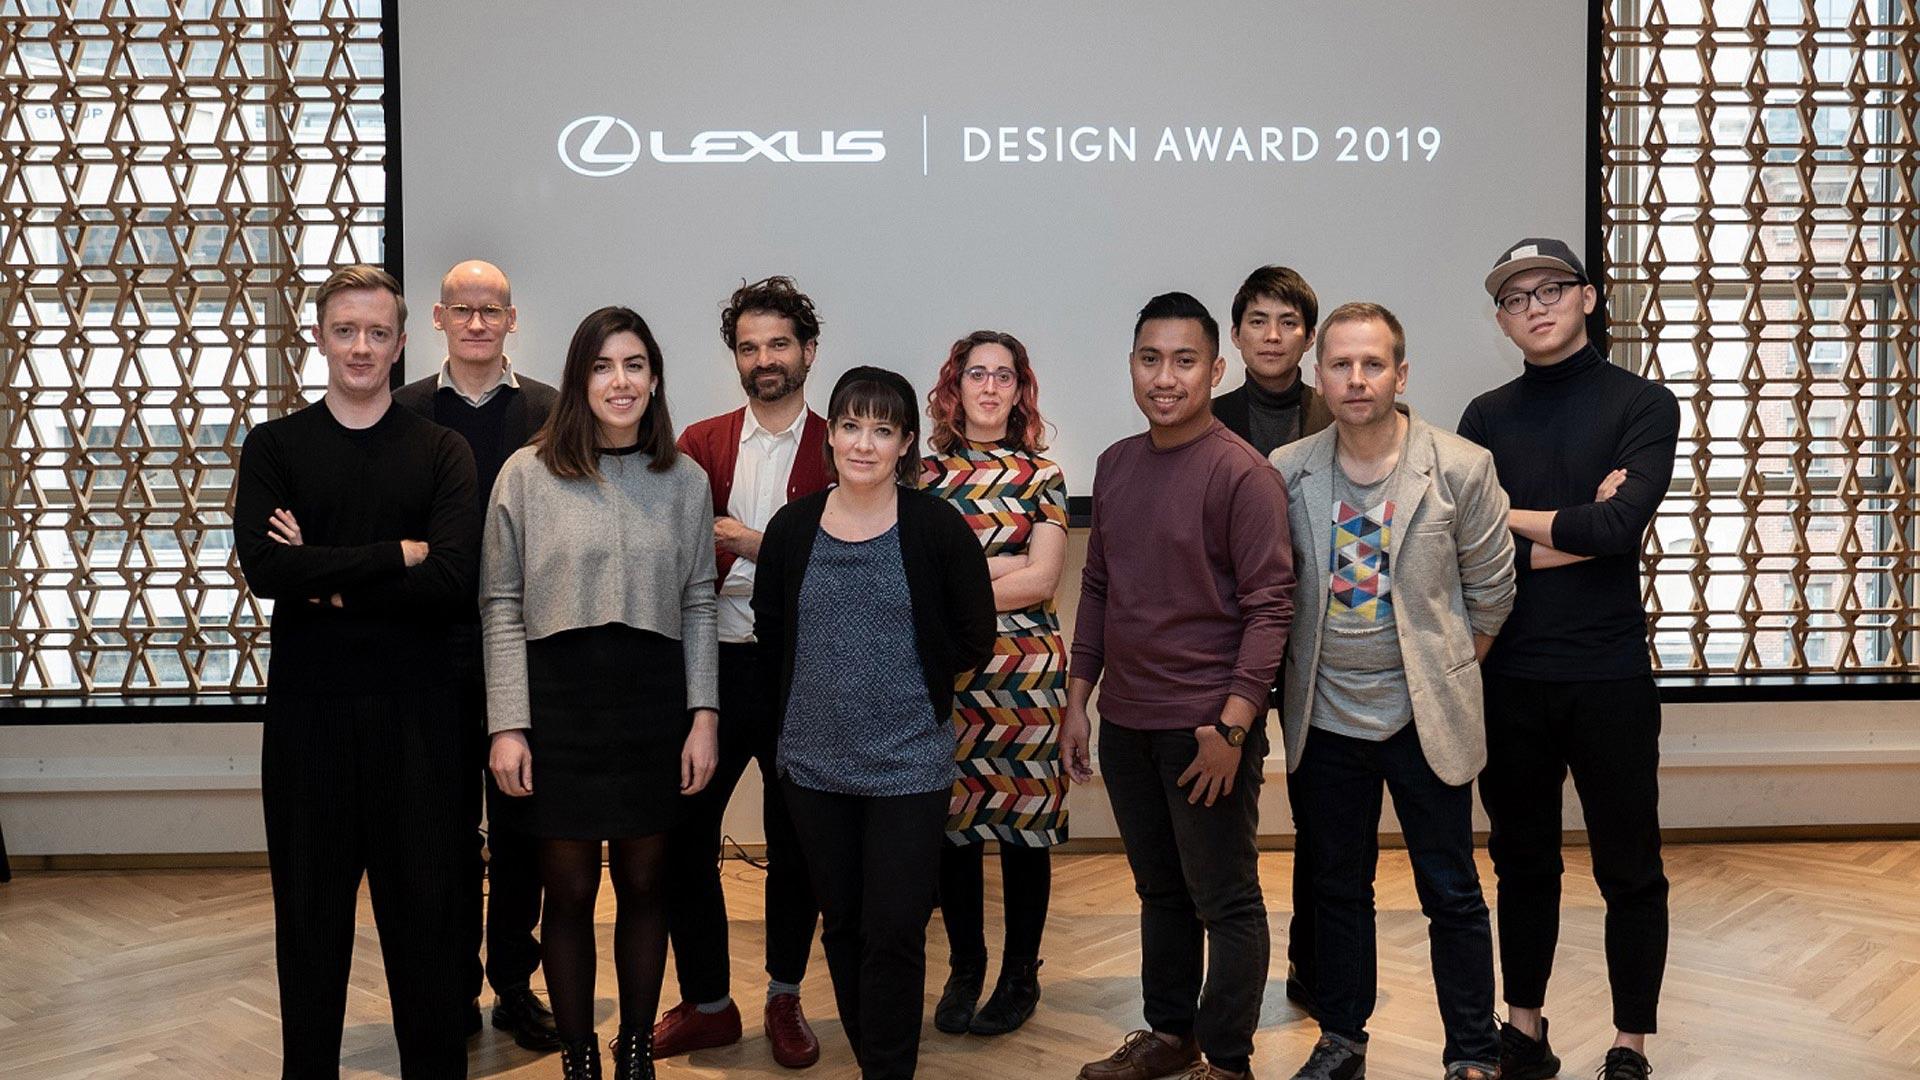 Türk Tasarımcı Lexus Tasarım Ödülleri Finalinde gallery02 1920x1080 v2